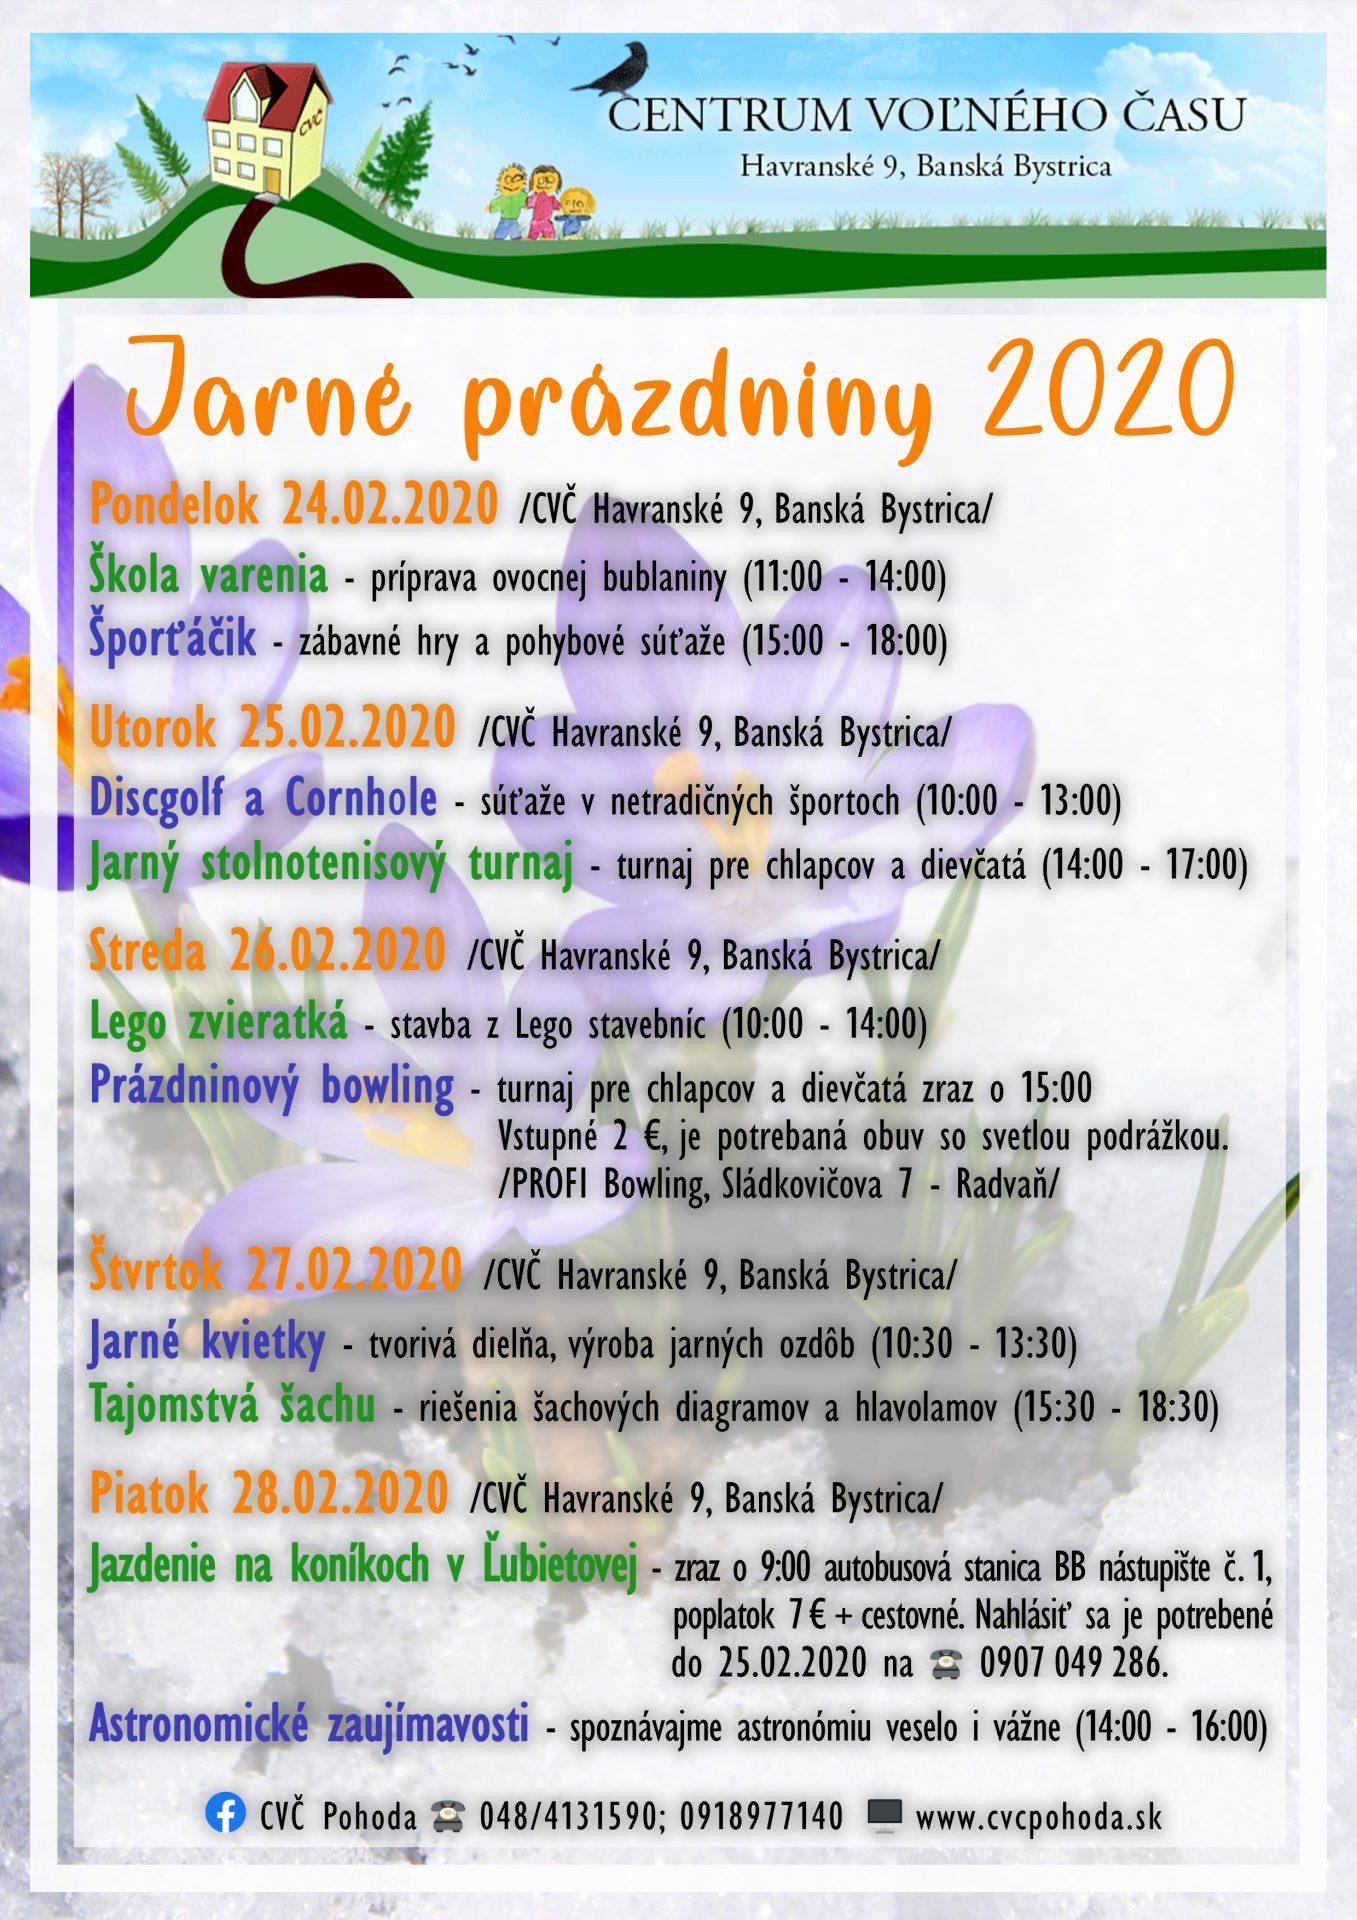 jarne prazdniny 2020